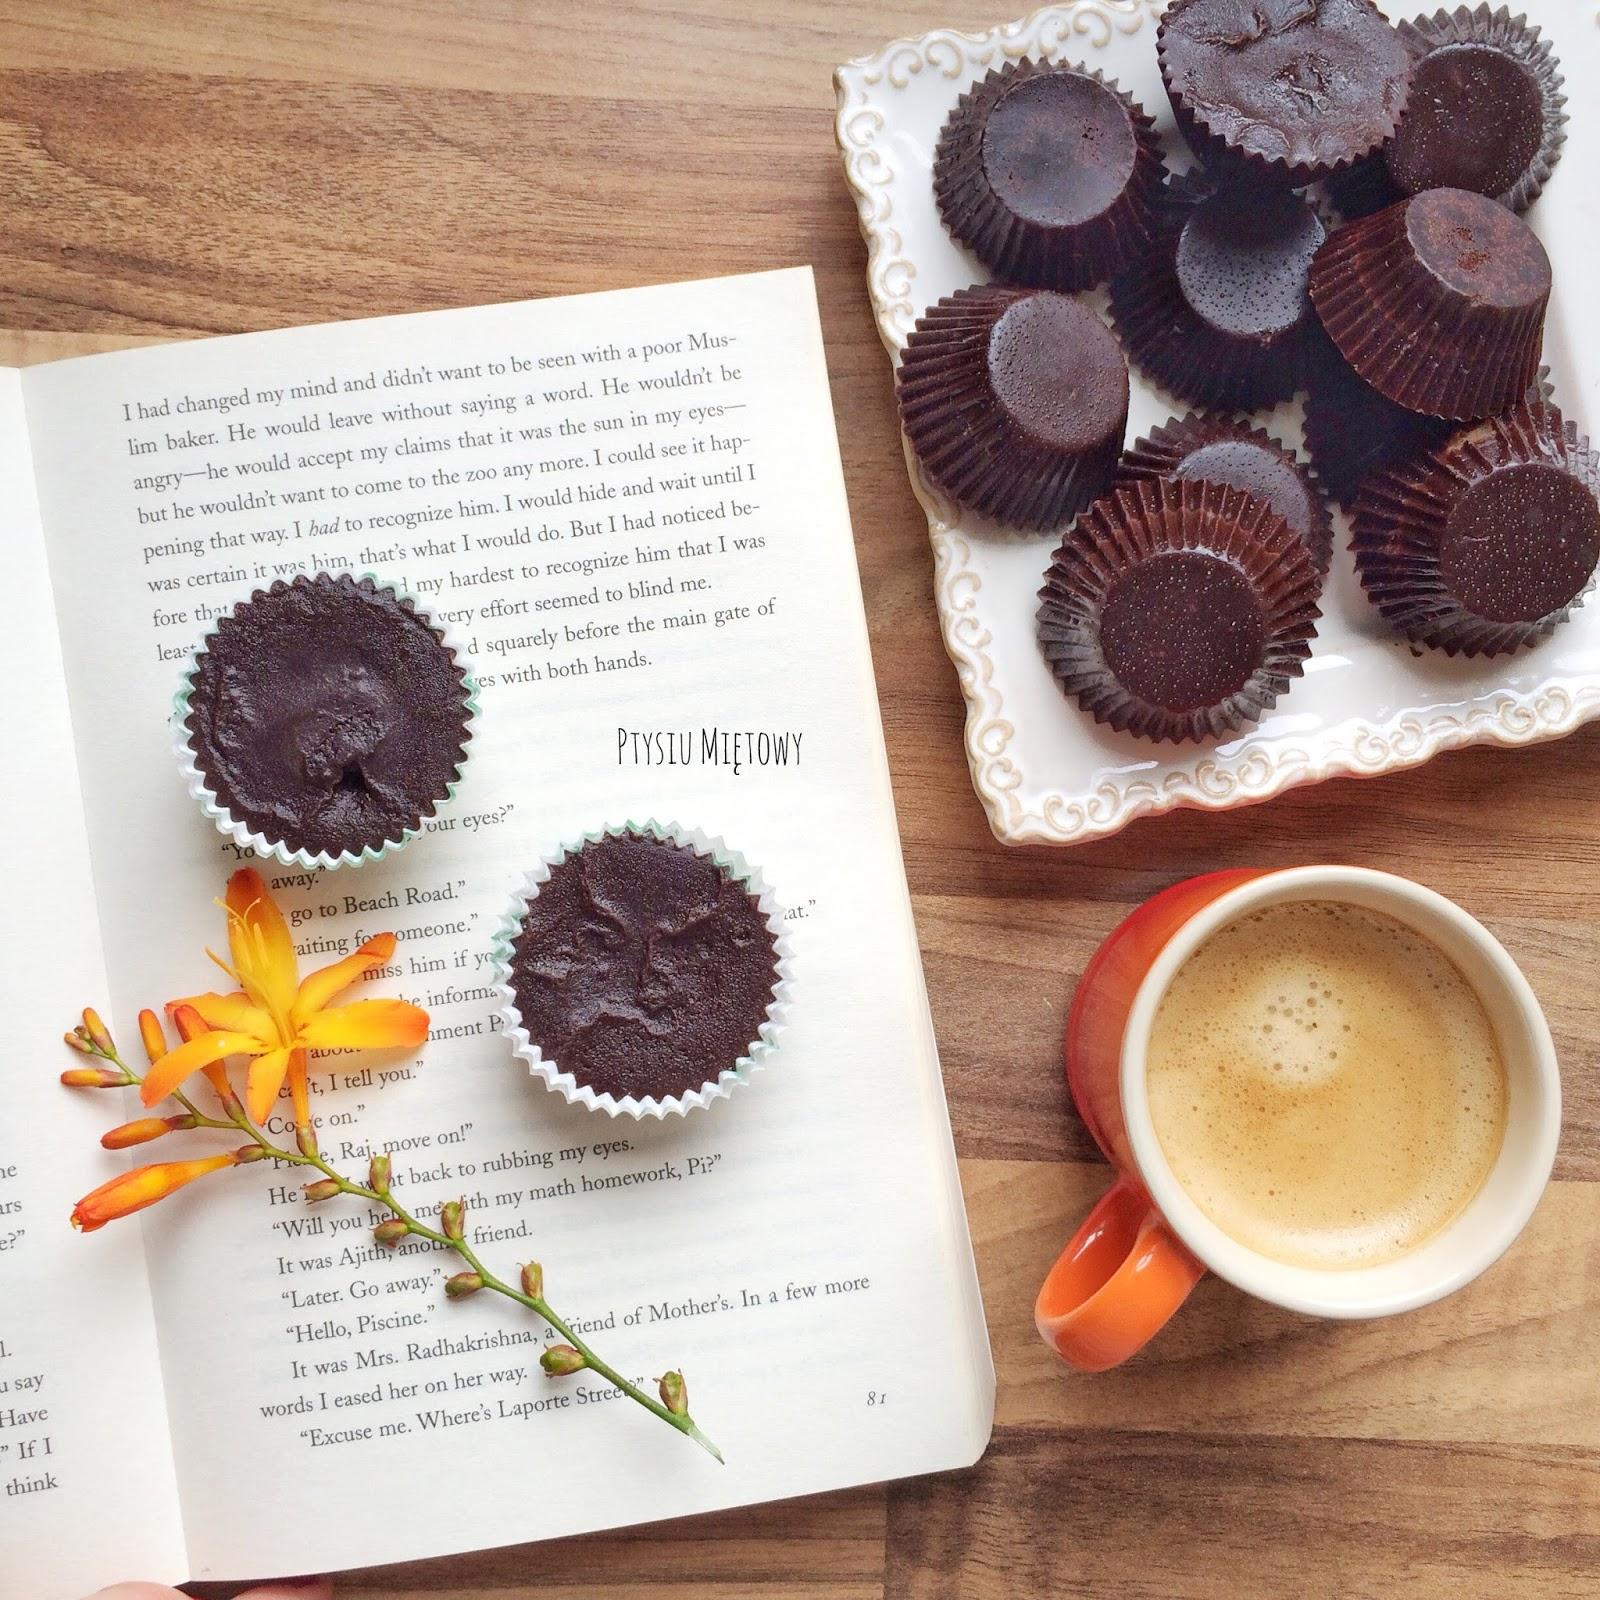 zdrowe czekoladki, ptysiu miętowy